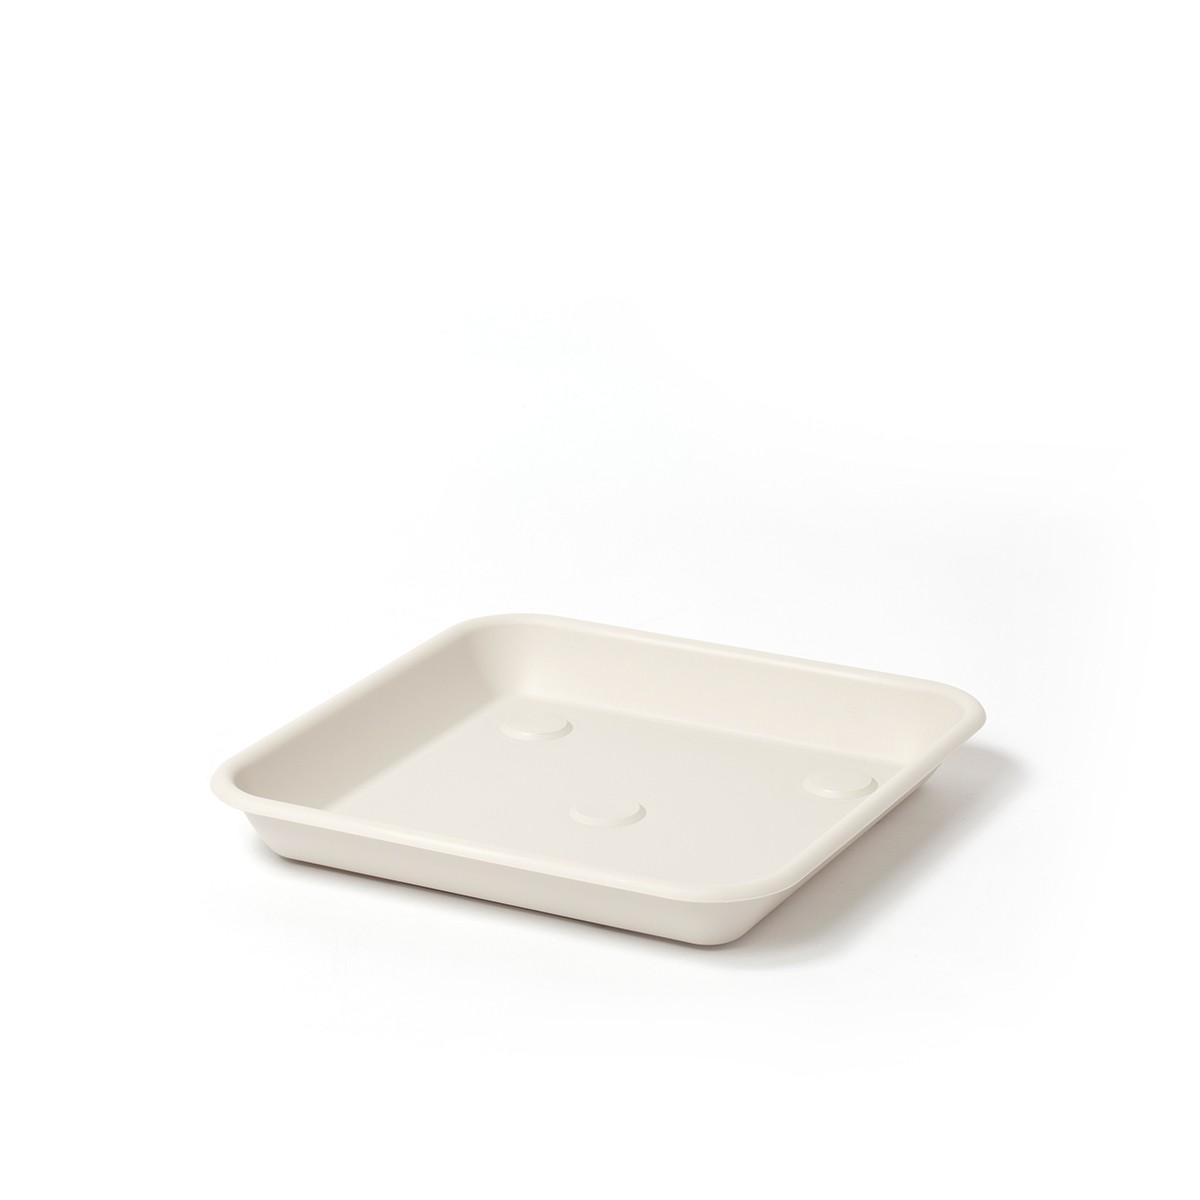 Sottovaso Quadrato Omnia Cm 30 Bianco Pietra